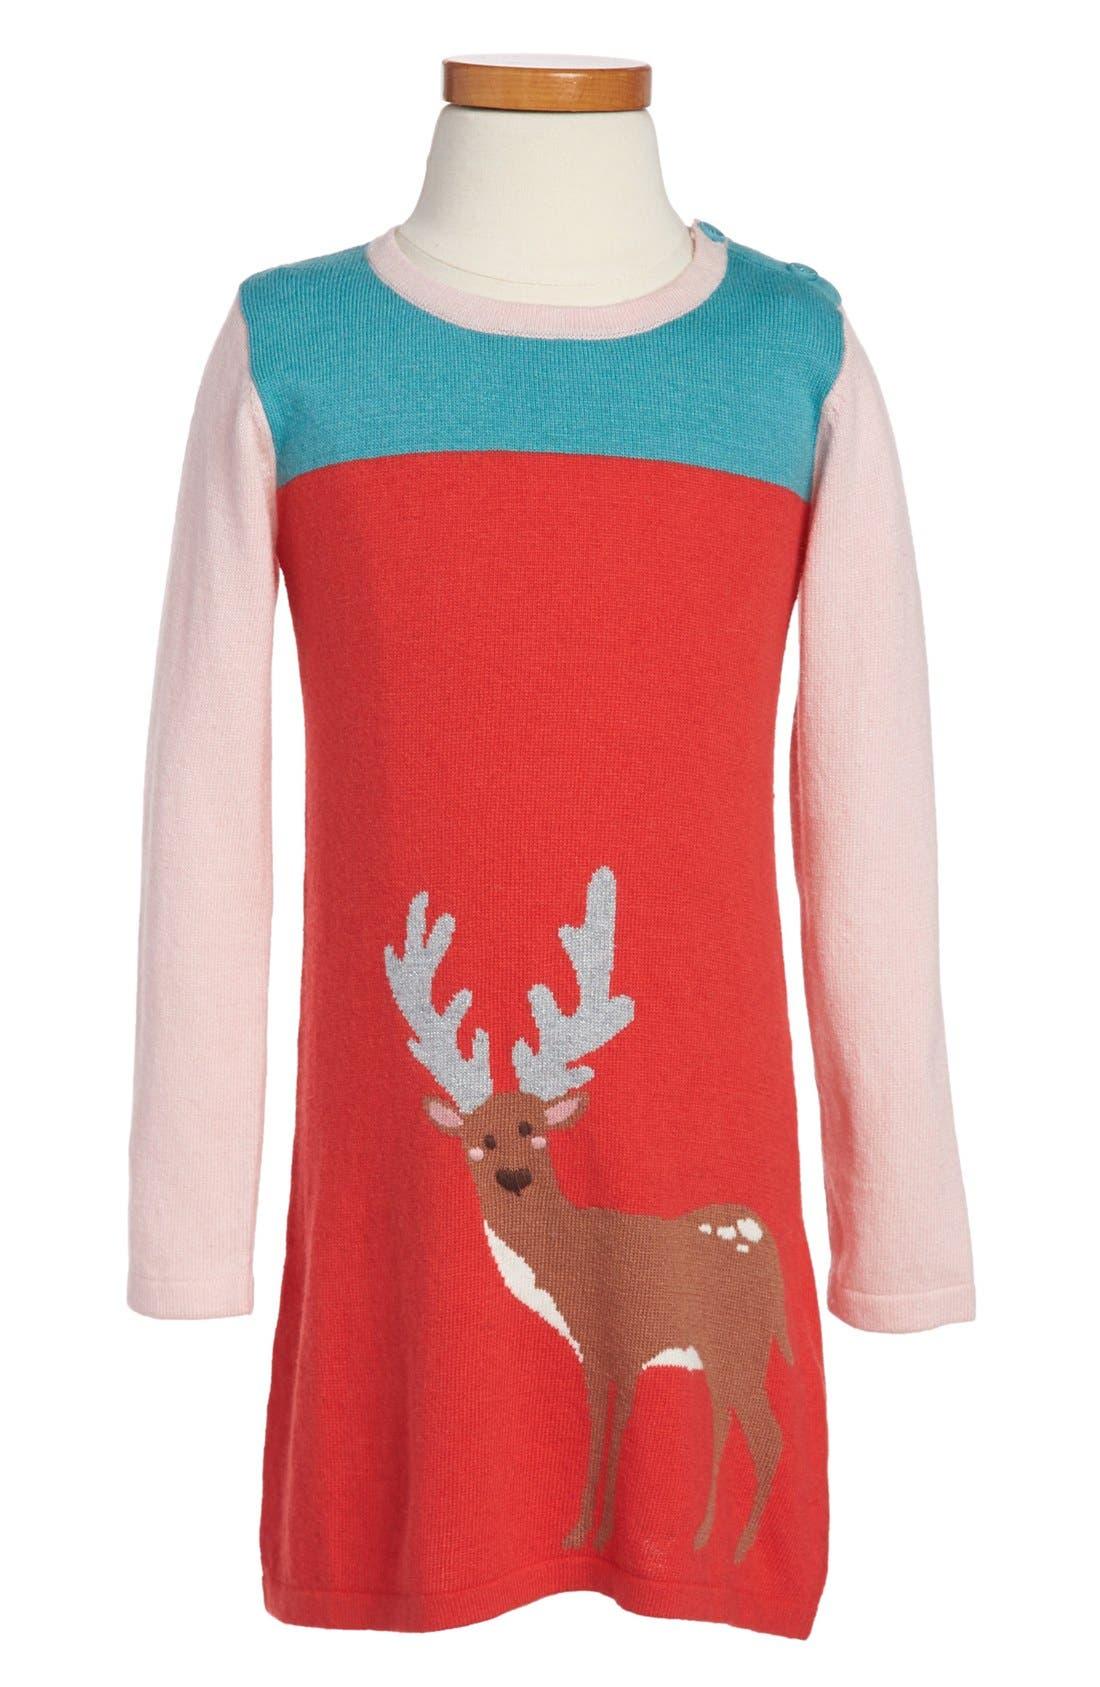 Alternate Image 1 Selected - Mini Boden 'Woodland' Knit Dress (Toddler Girls, Little Girls)